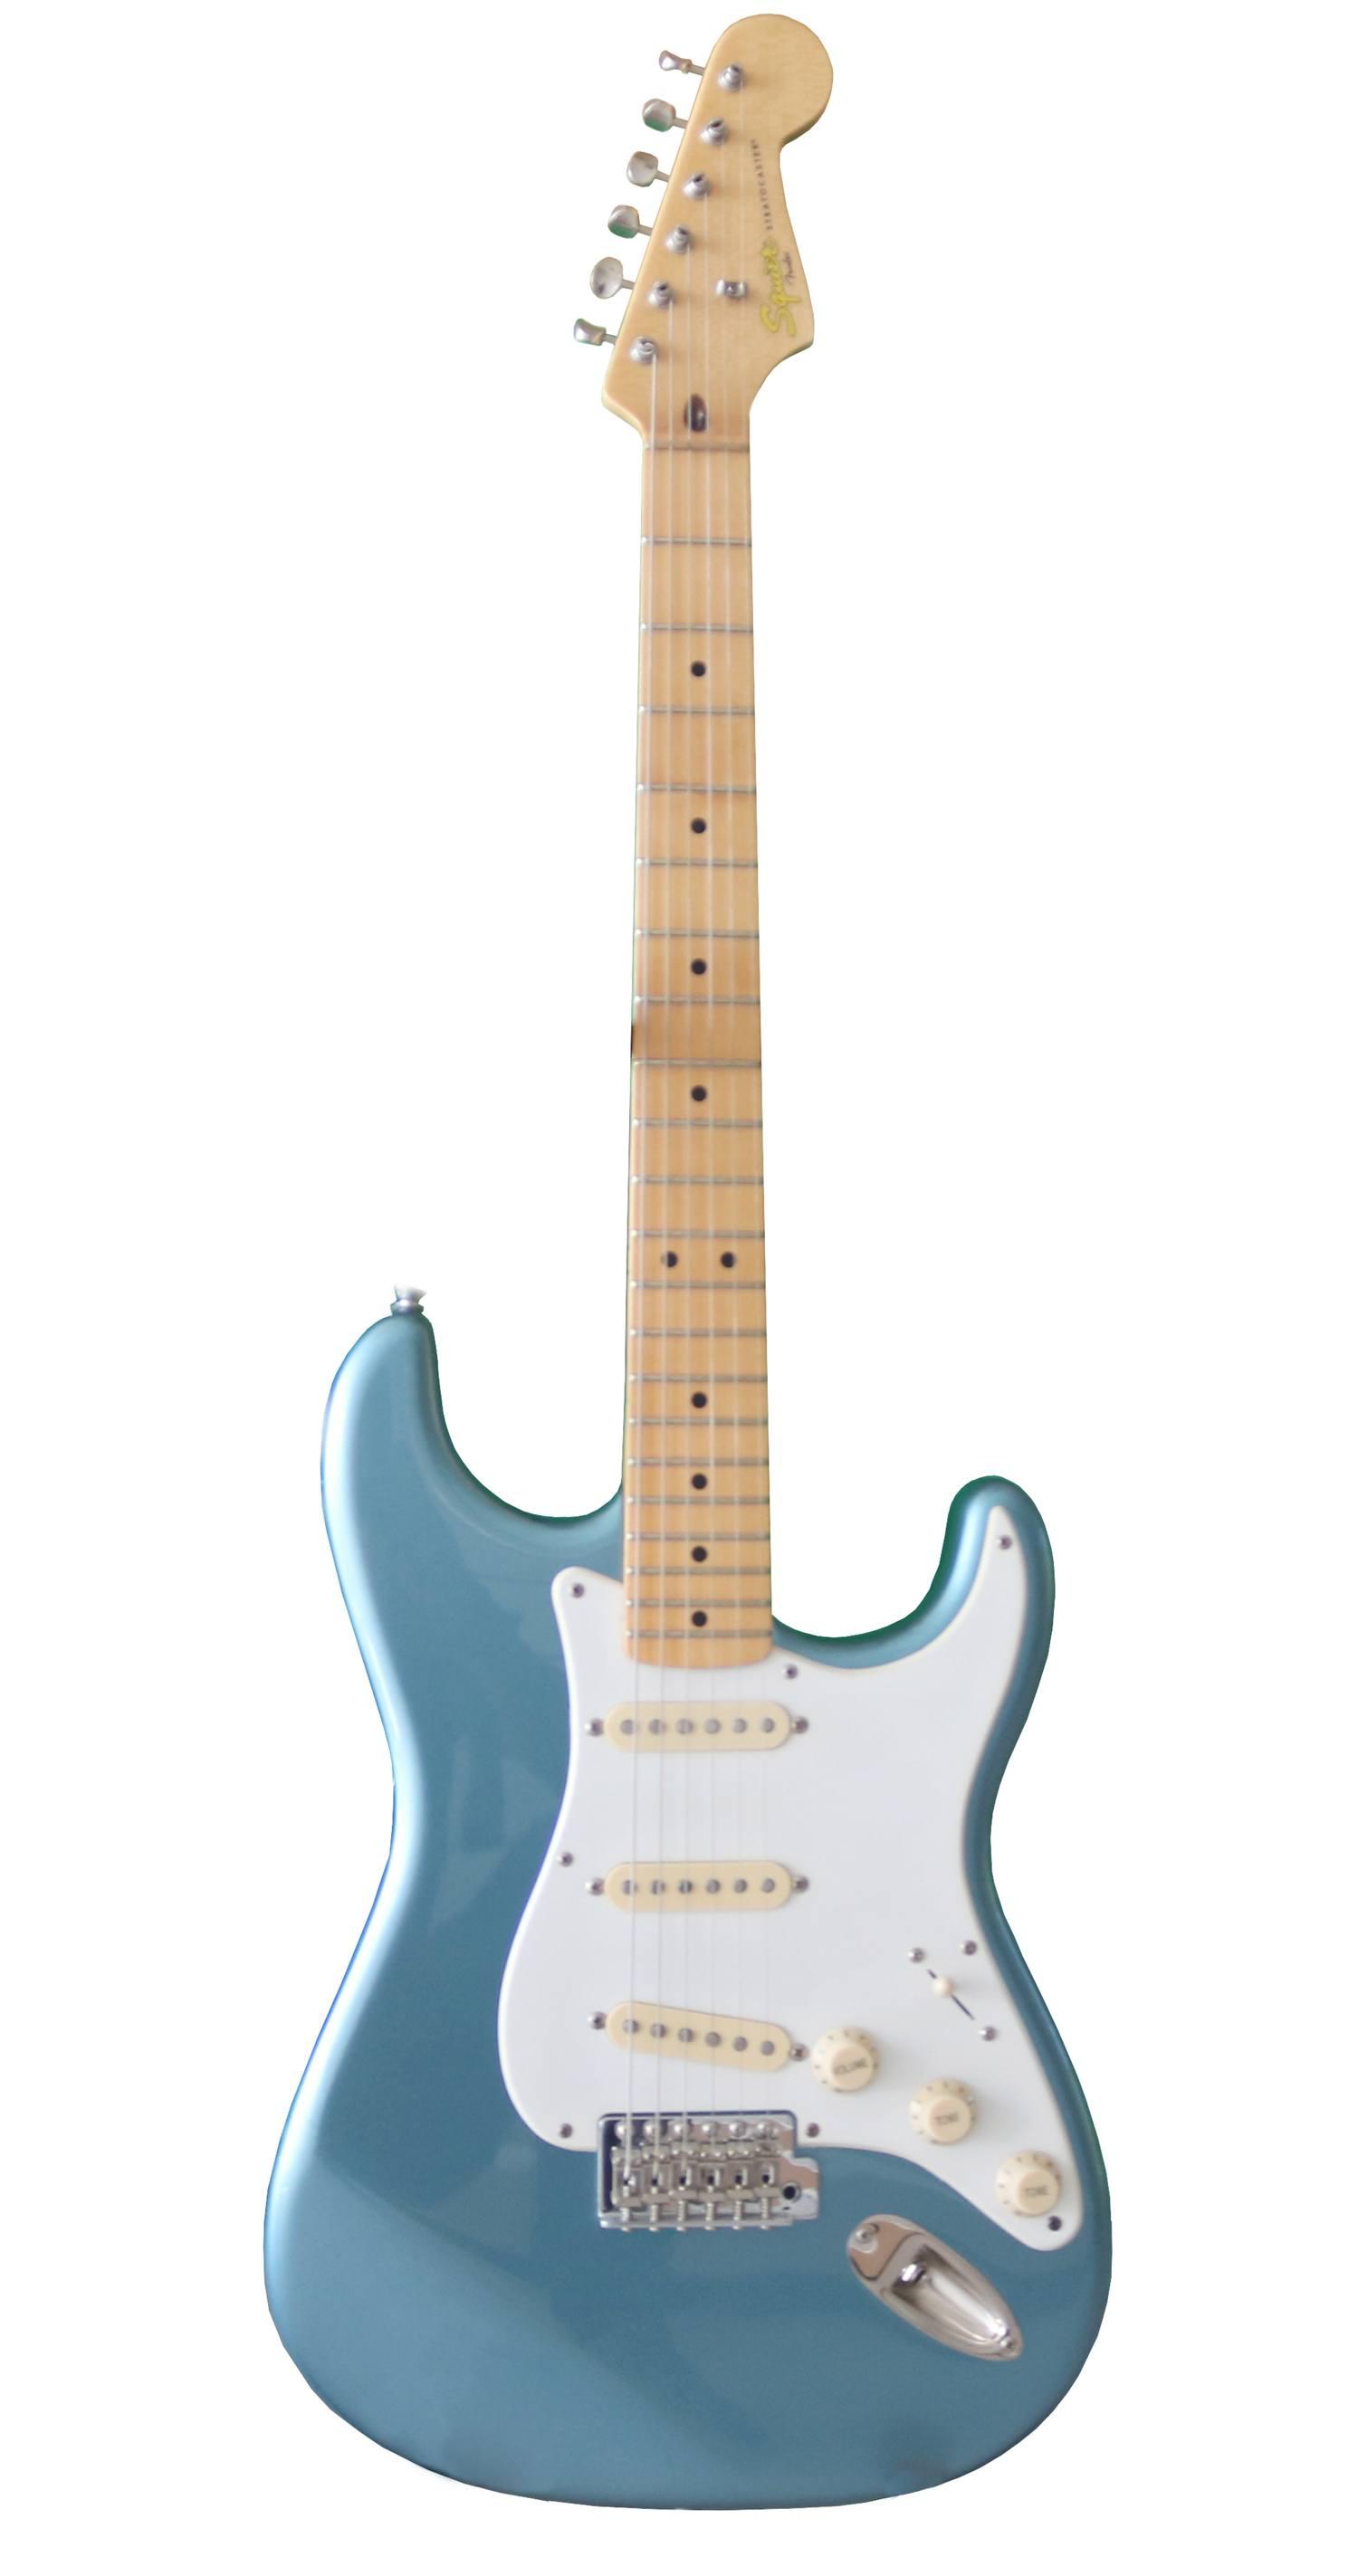 guitarra fender squier classic viber 50s LPB